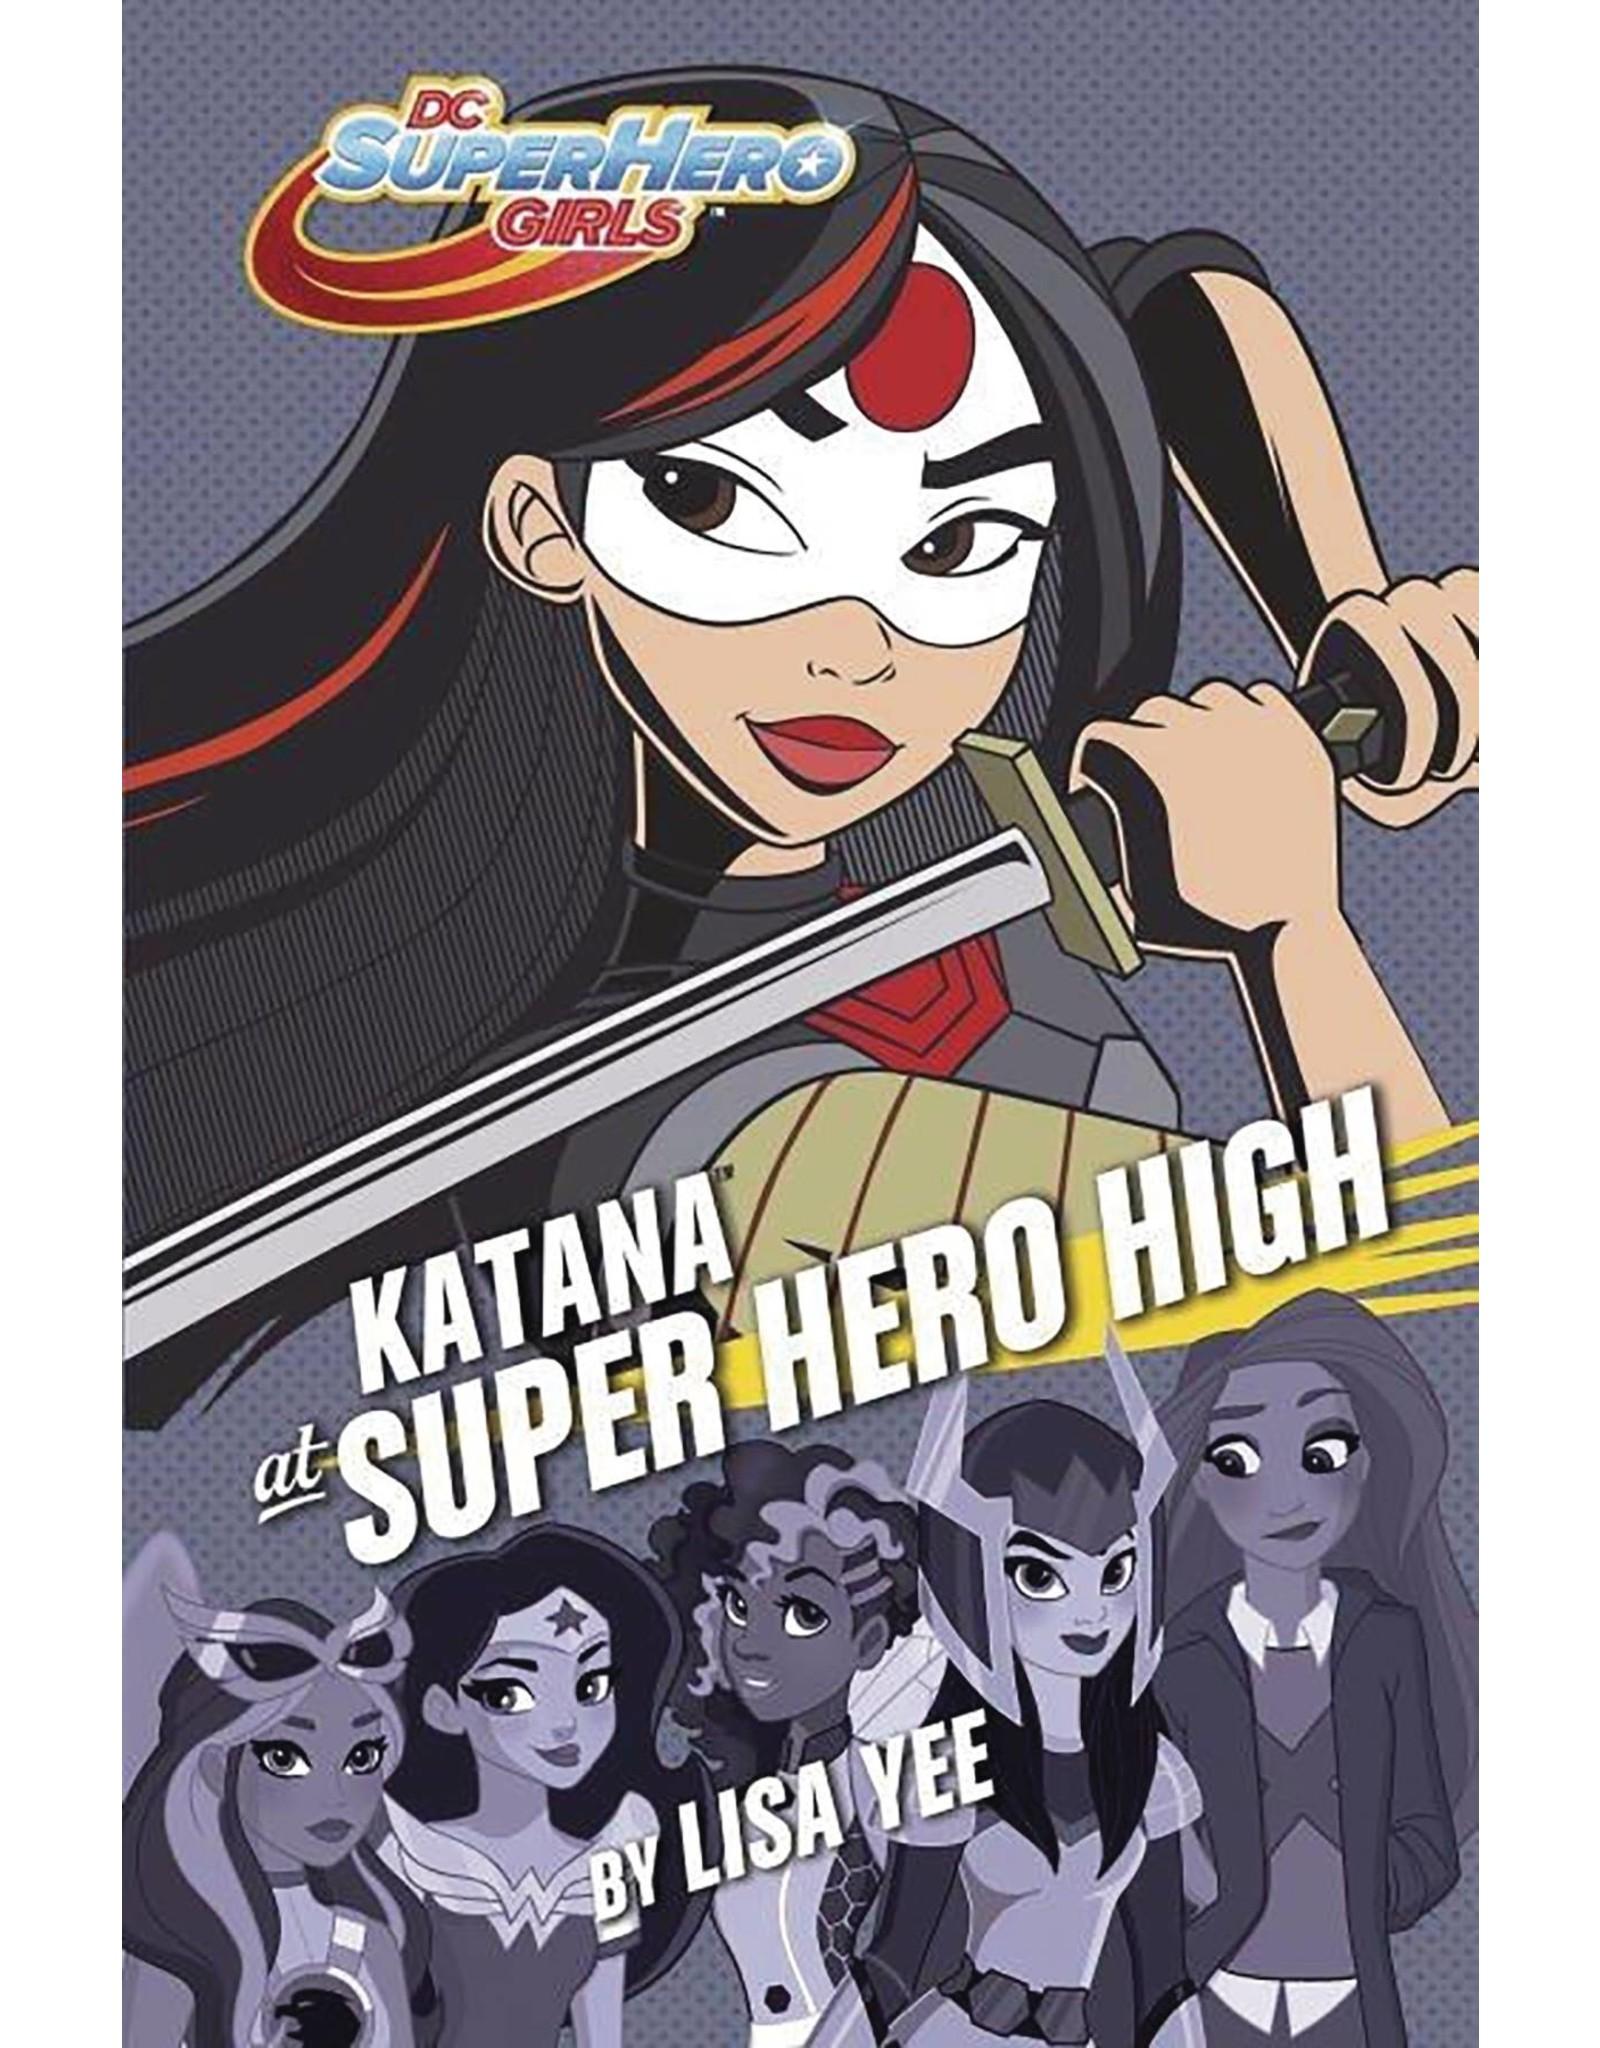 DC SUPER HERO GIRLS YR HC KATANA  AT SUPER HERO HIGH